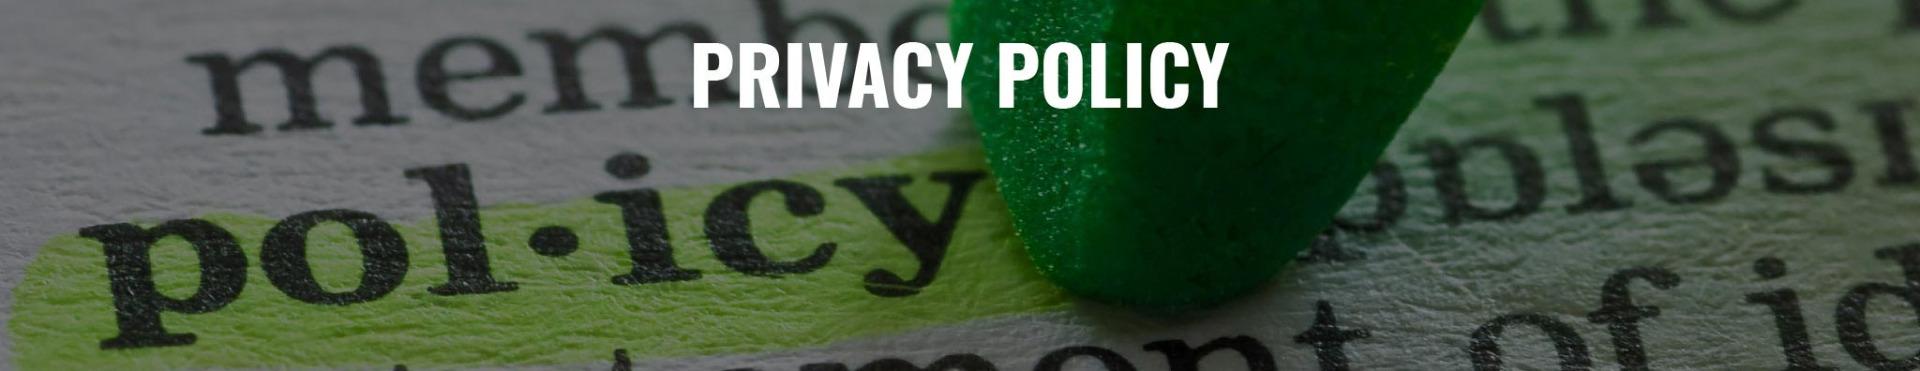 Stargazer Privacy Policy